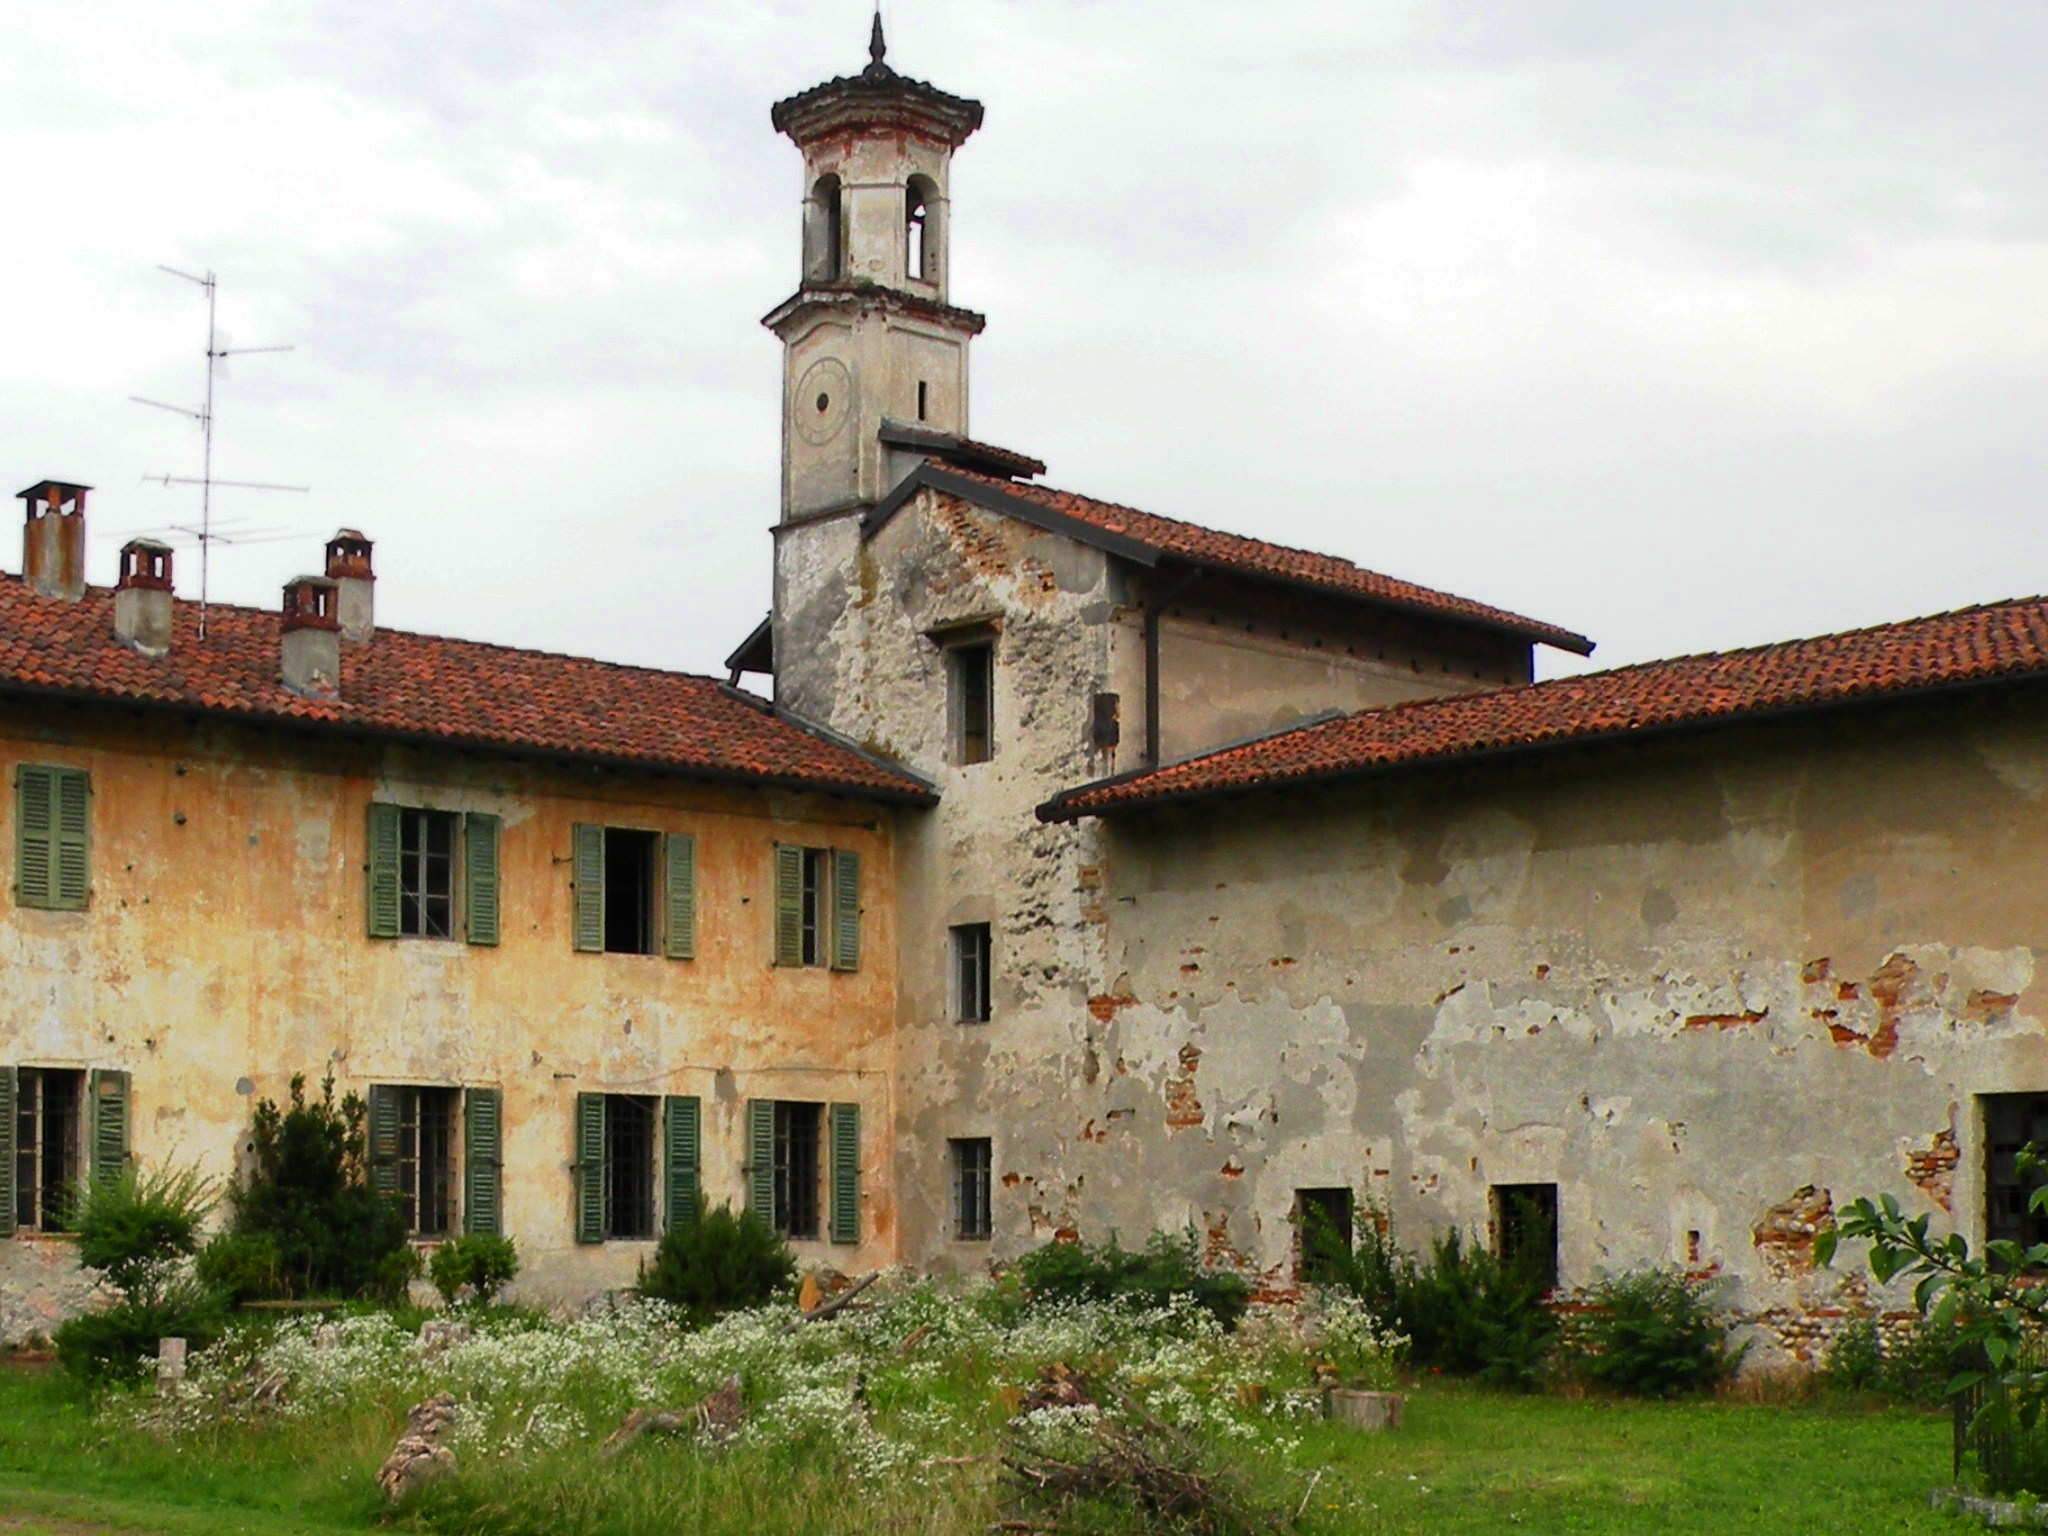 Uno scorcio di Villa Fortuna, nei pressi di Galliate, che fu proprietà di costanza Sforza Colonna, la protettrice di Michelangelo Merisi. L'edificio si trova in aperta campagna, sul ciglio di un dislivello boscoso dal quale si leva il costante canto delle acque in caduta